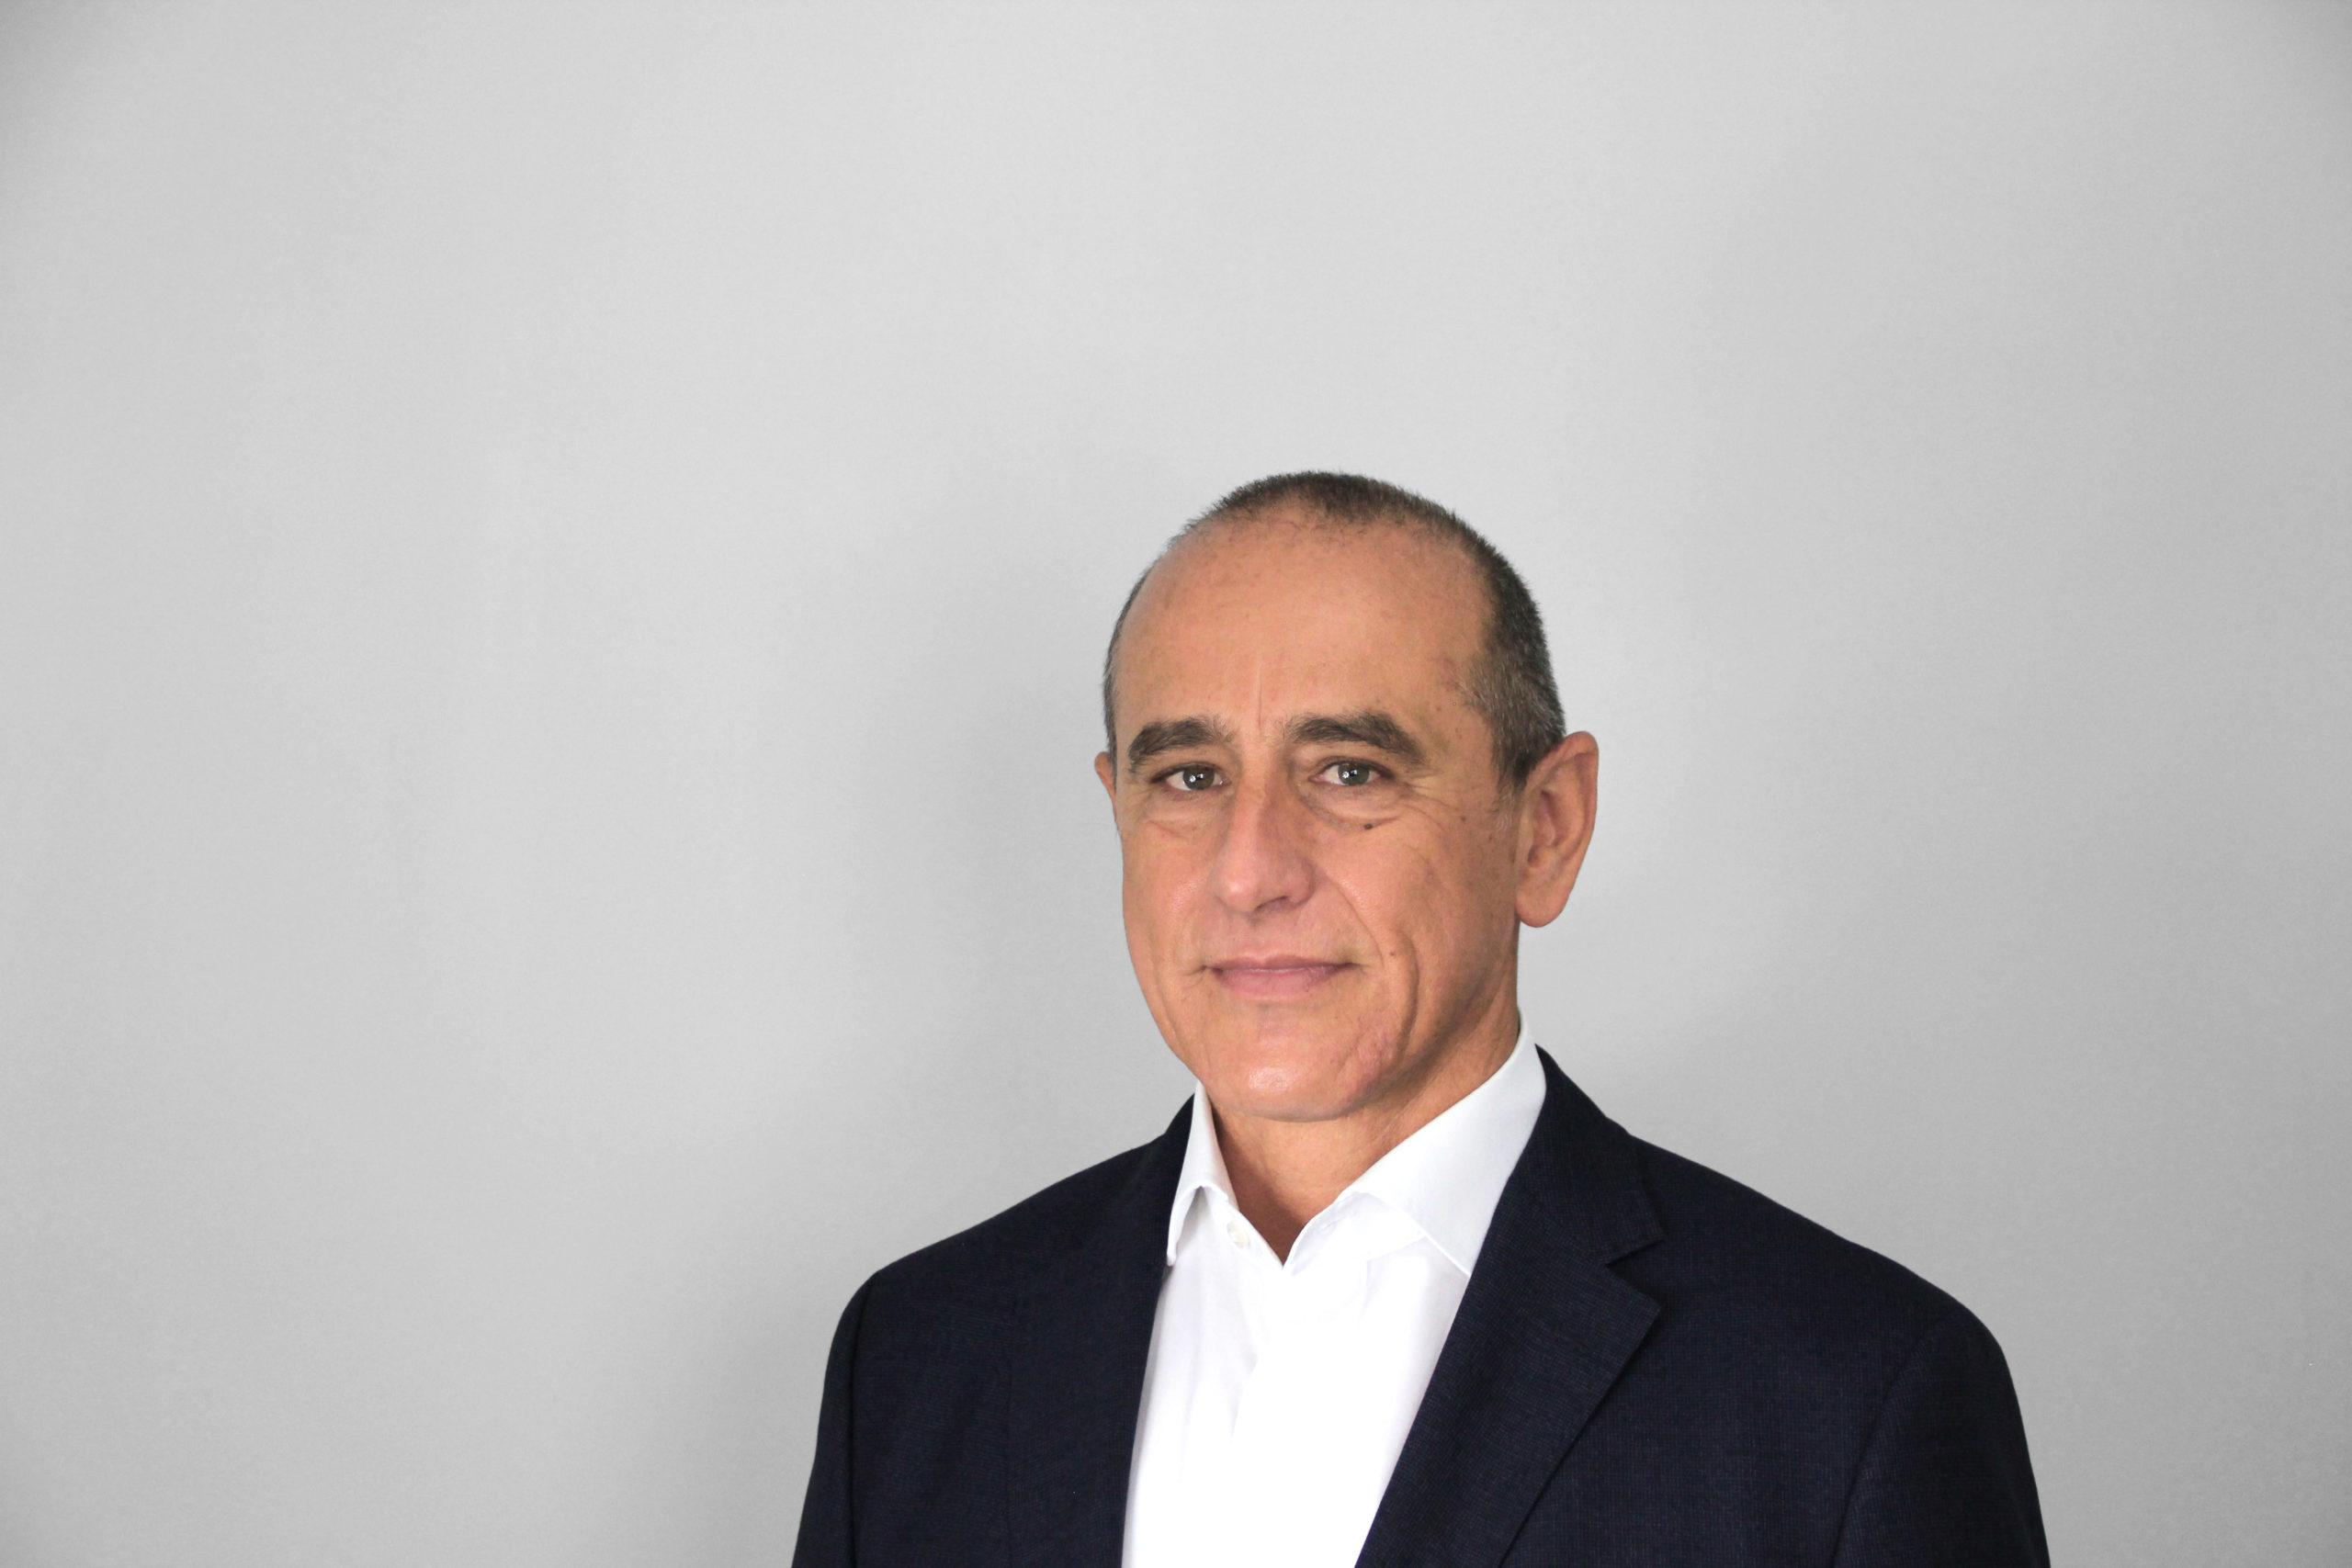 Portrait Thomas Nützel, Geschäftsführer, Elbit Systems Deutschland